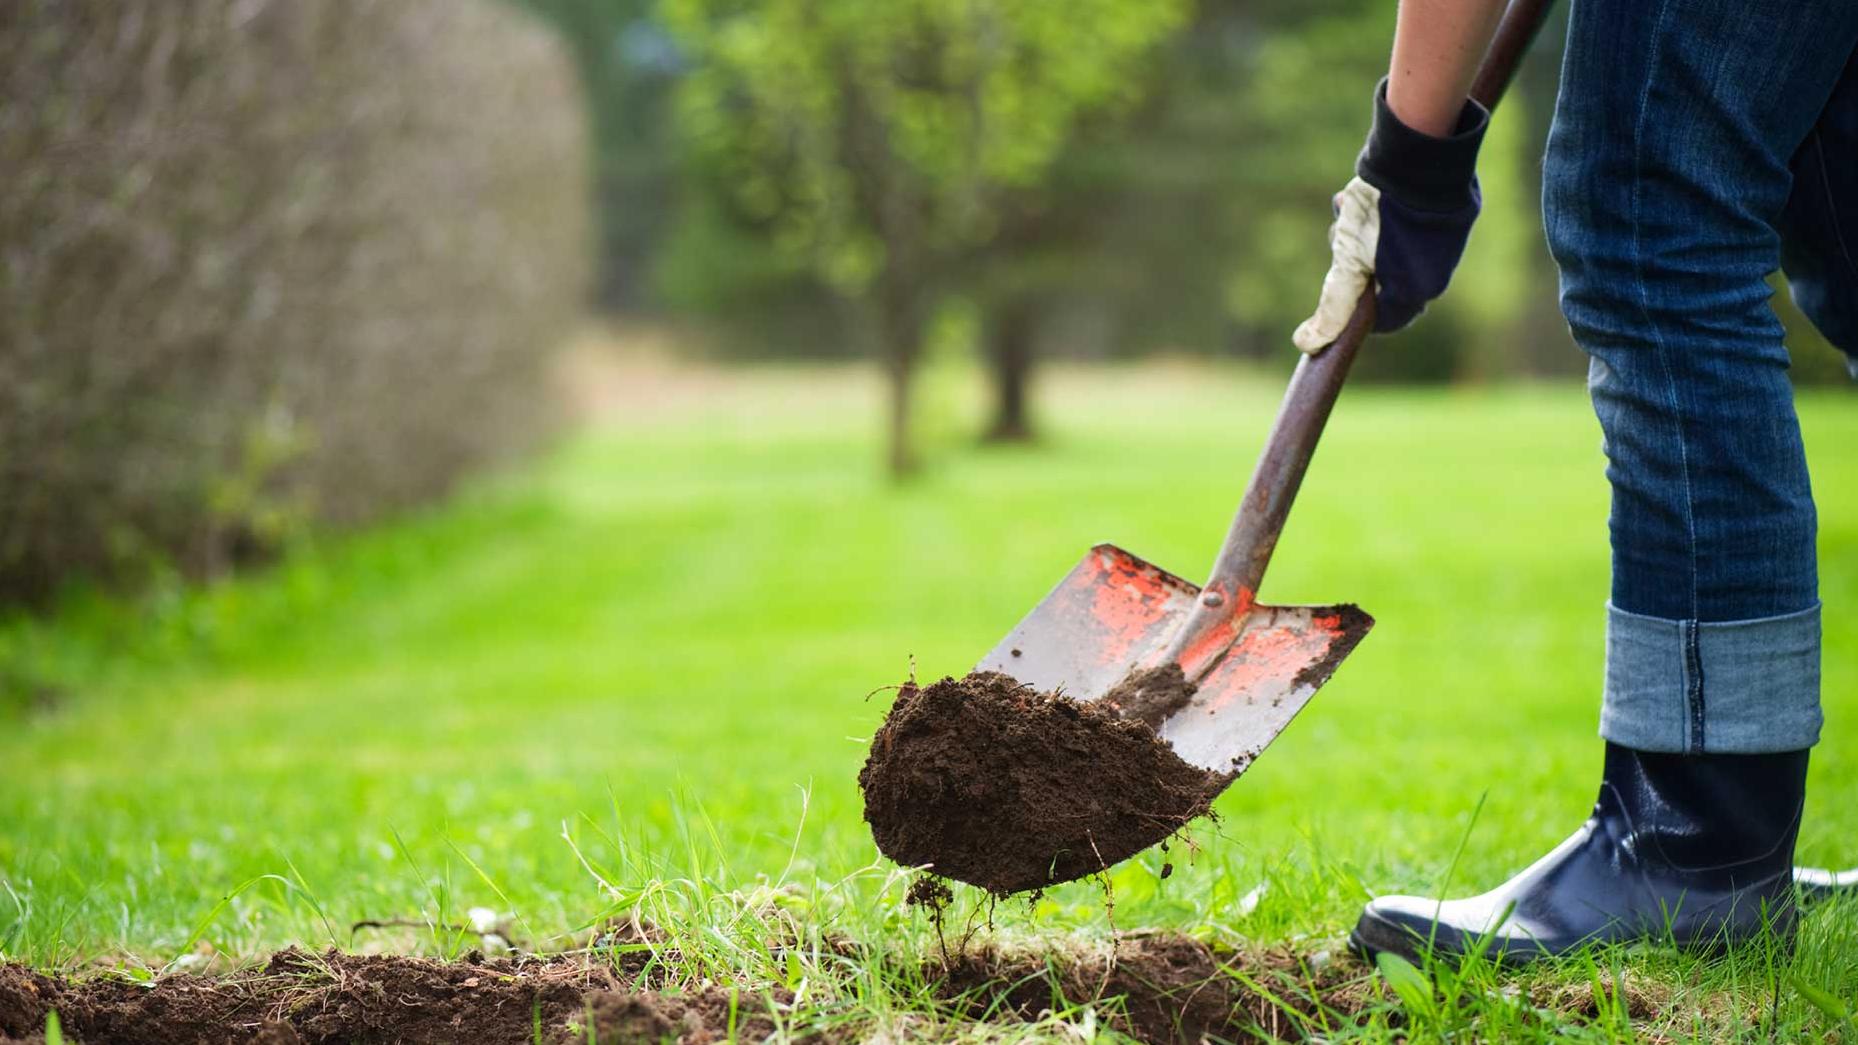 Картинка лопаты в земле